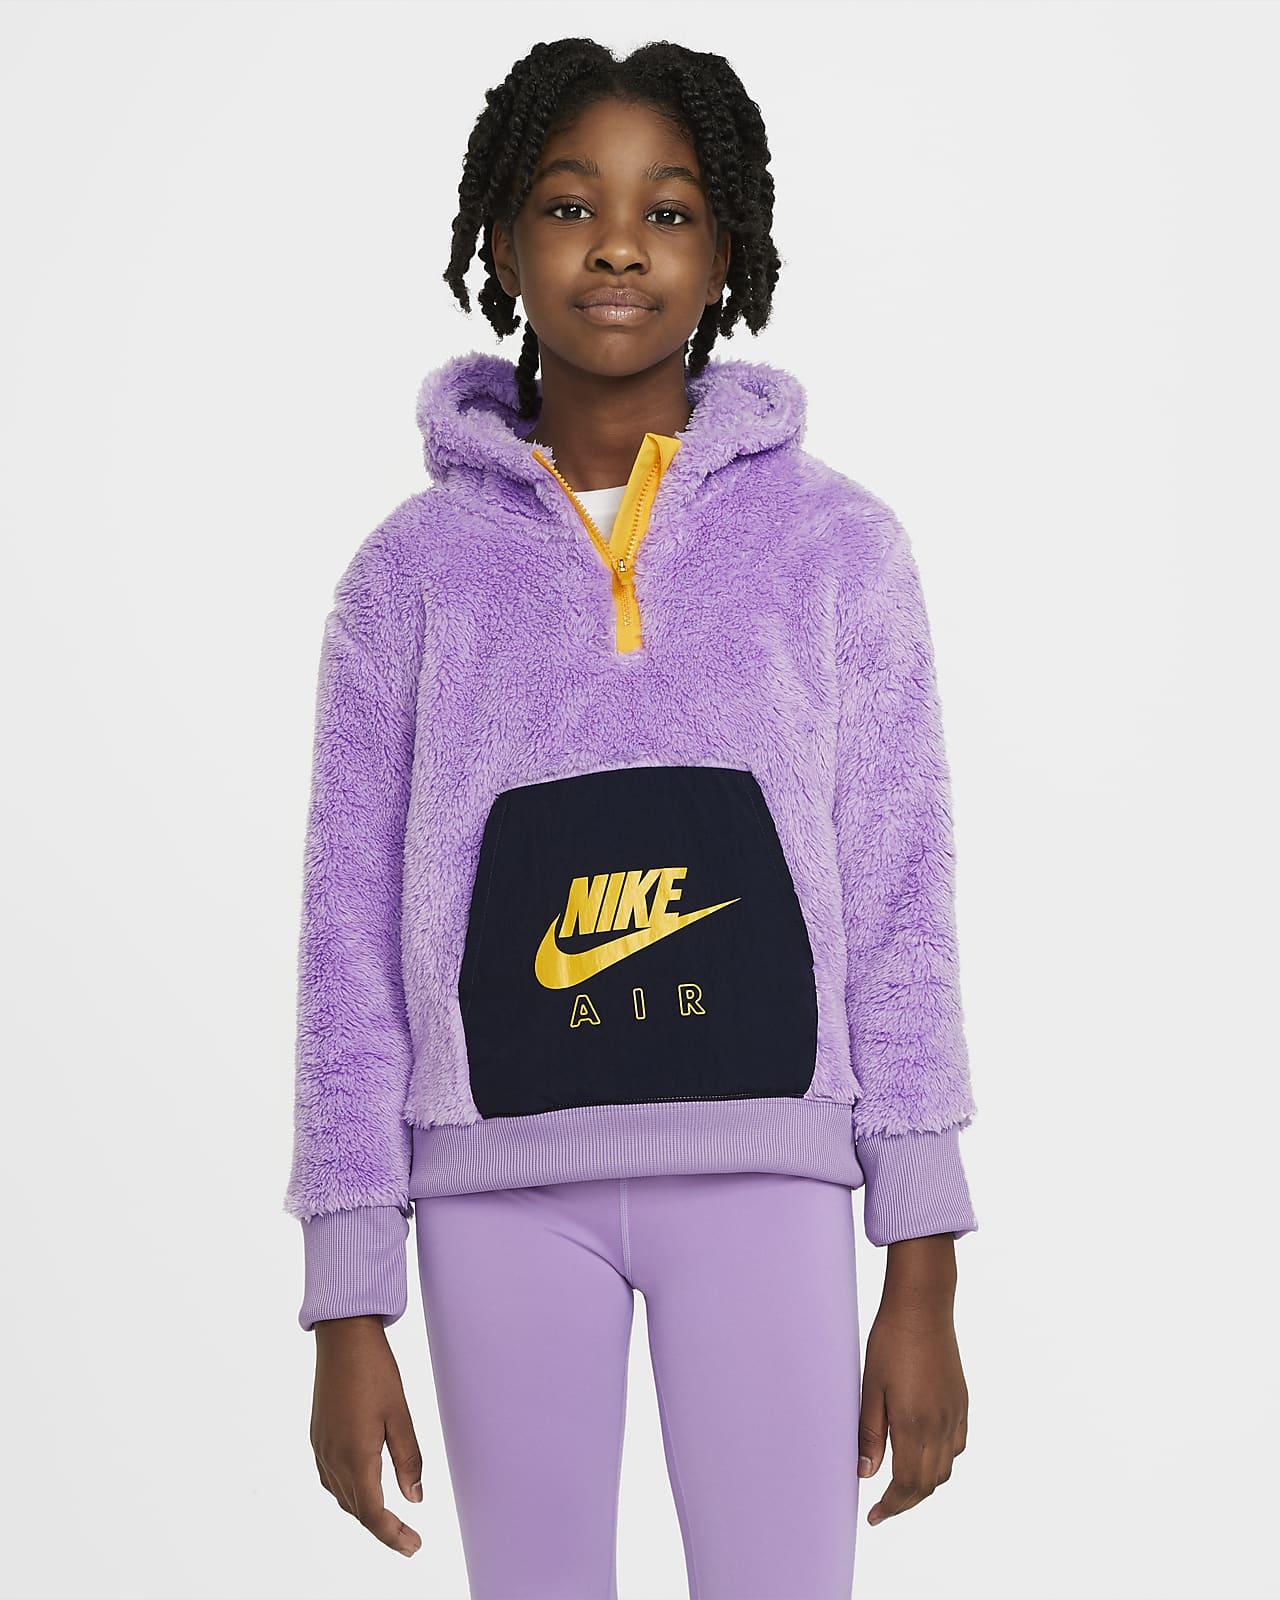 Μπλούζα με κουκούλα από ύφασμα Sherpa Nike Air για μεγάλα κορίτσια